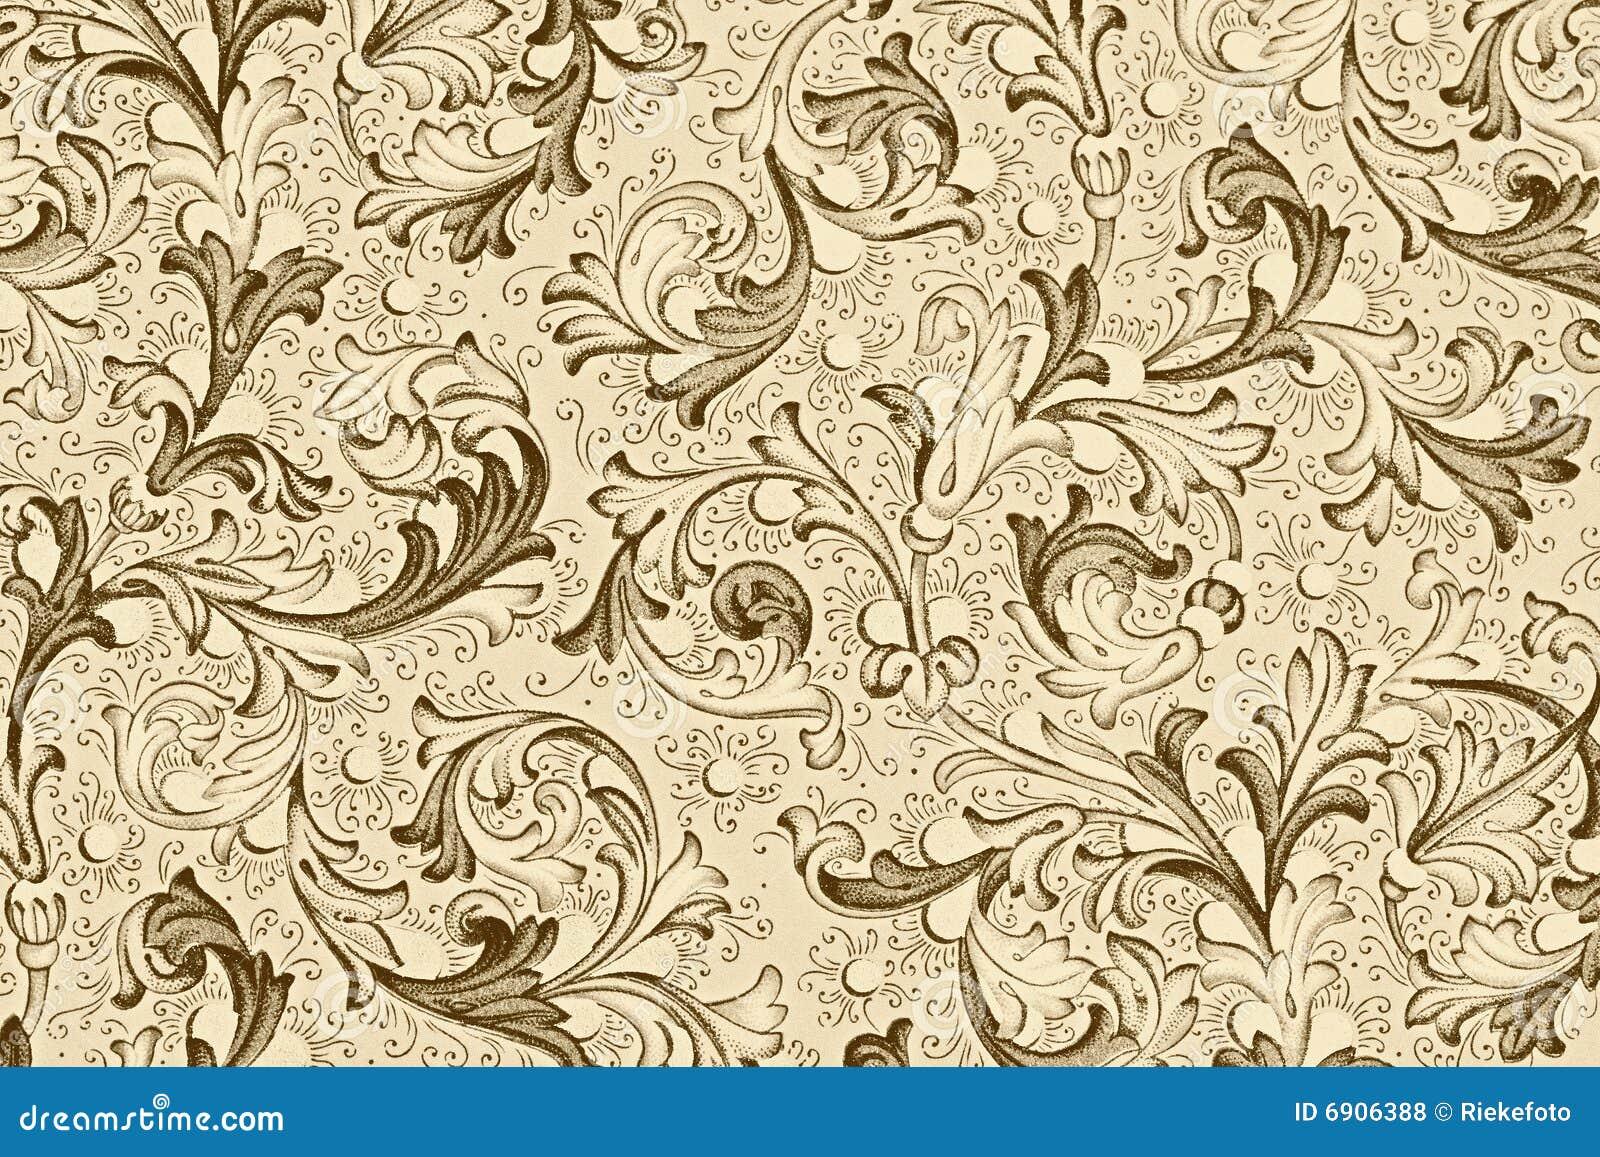 Antike tapete mit blumenmuster lizenzfreie stockfotos for Blumenmuster tapete